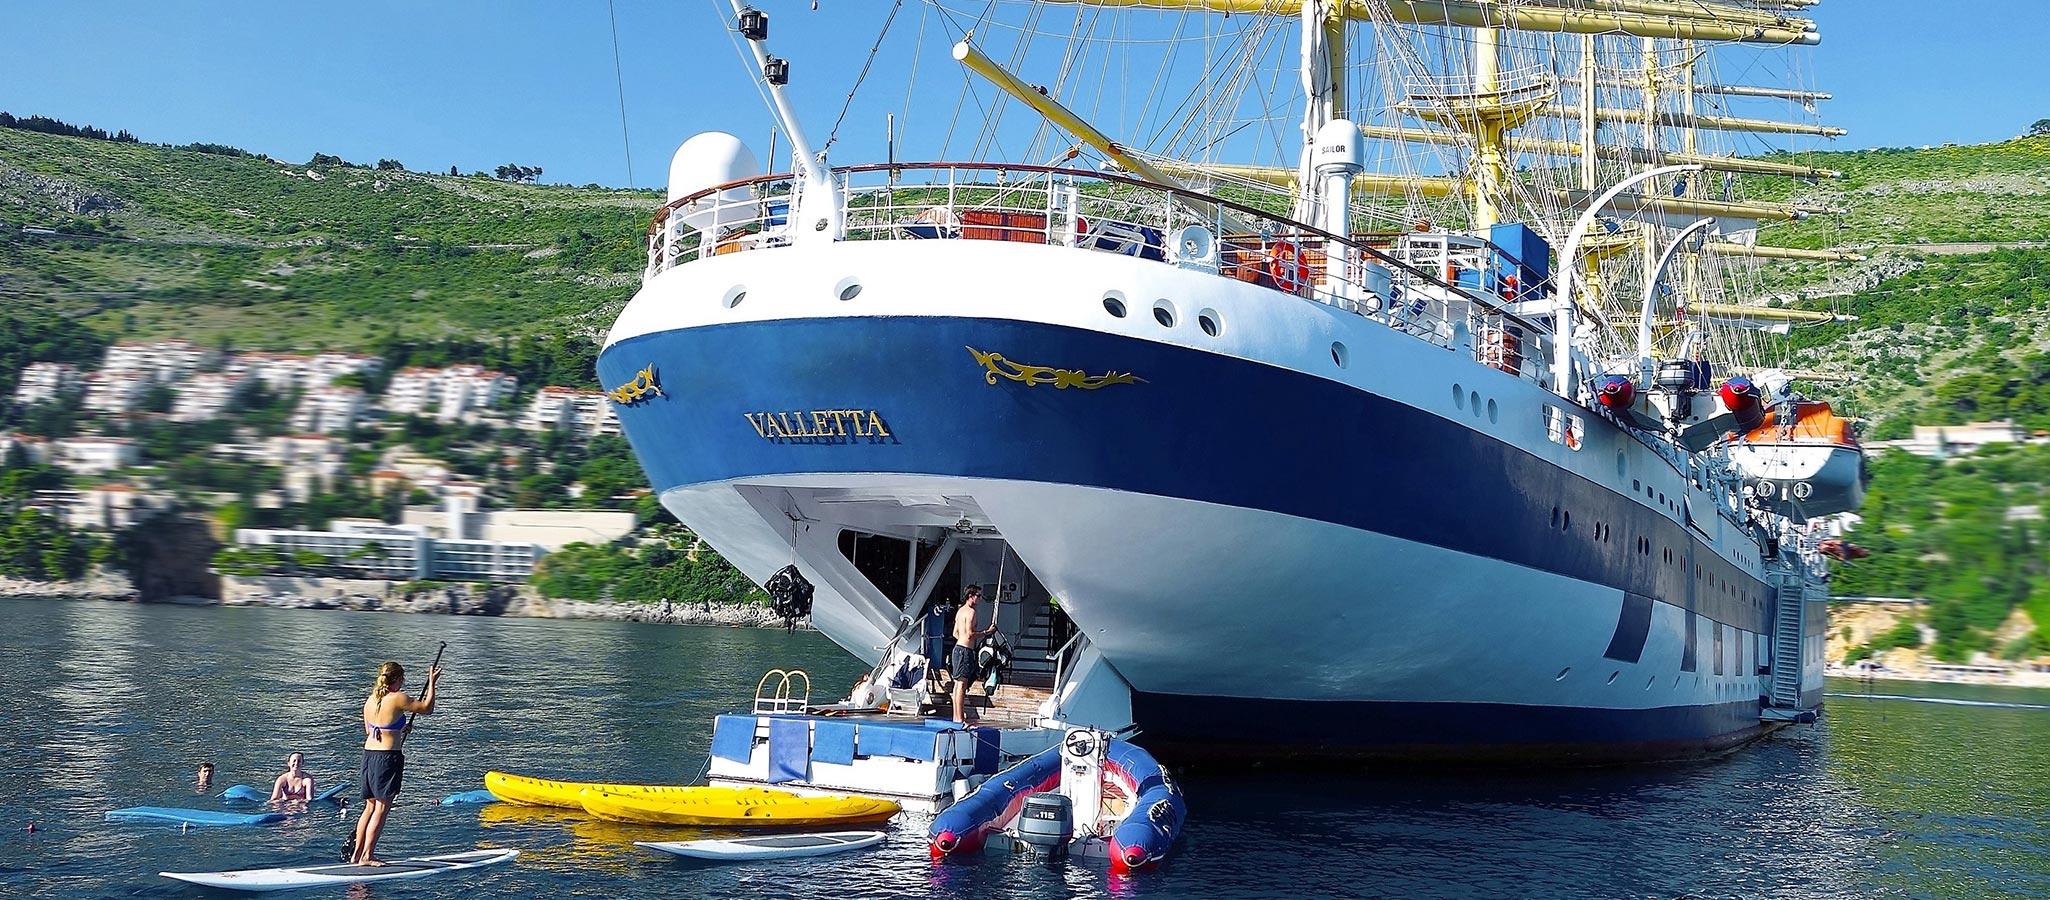 Das Rahmenprogramm fährt mit: Vor Anker liegend wird die Marina Plattform herabgelassen - ein besonderer Badespaß mitten im Meer.